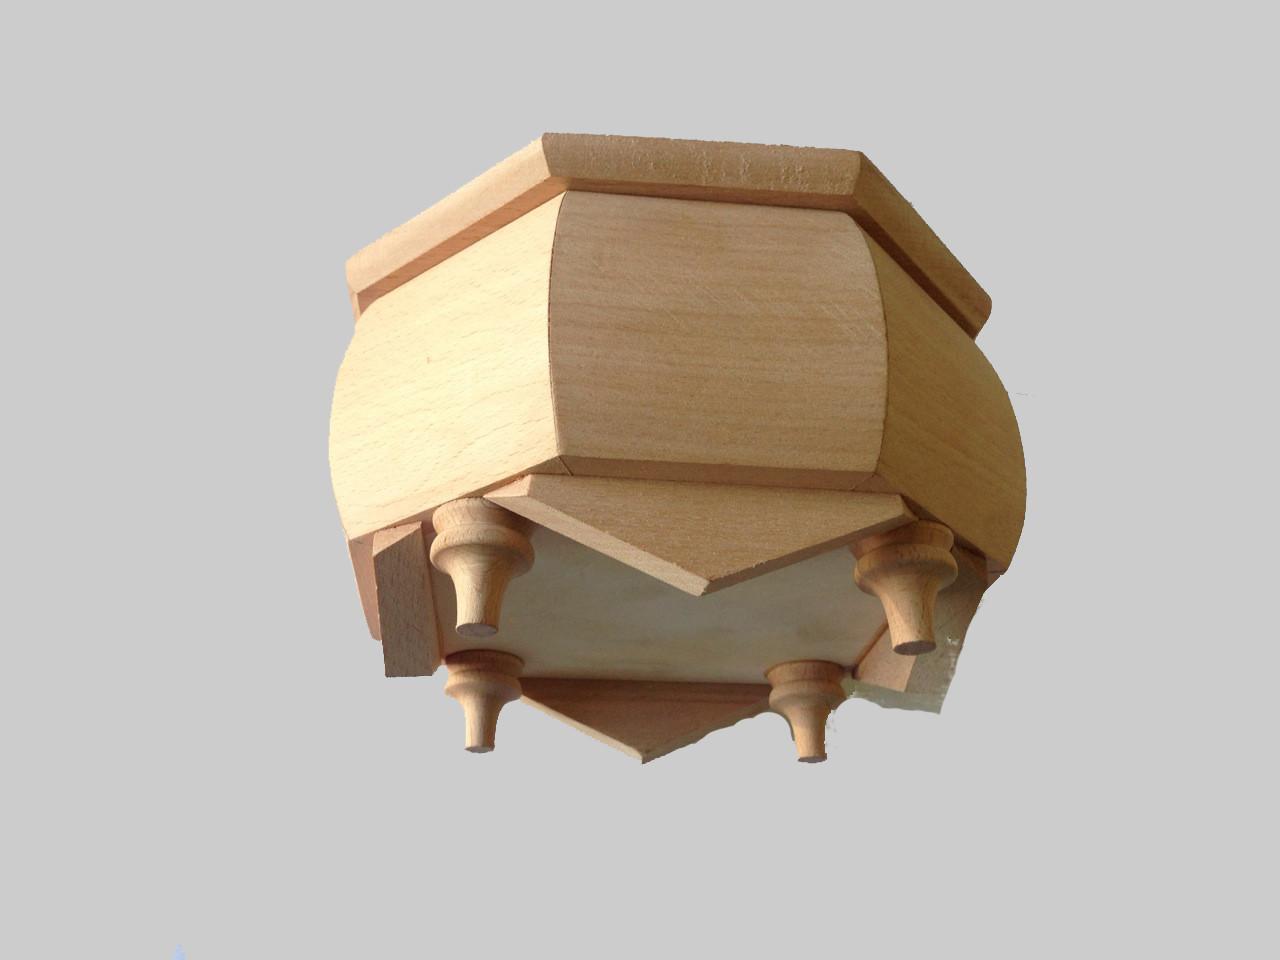 Шкатулка деревянная резьбленная чистая под декупаж17*17*10